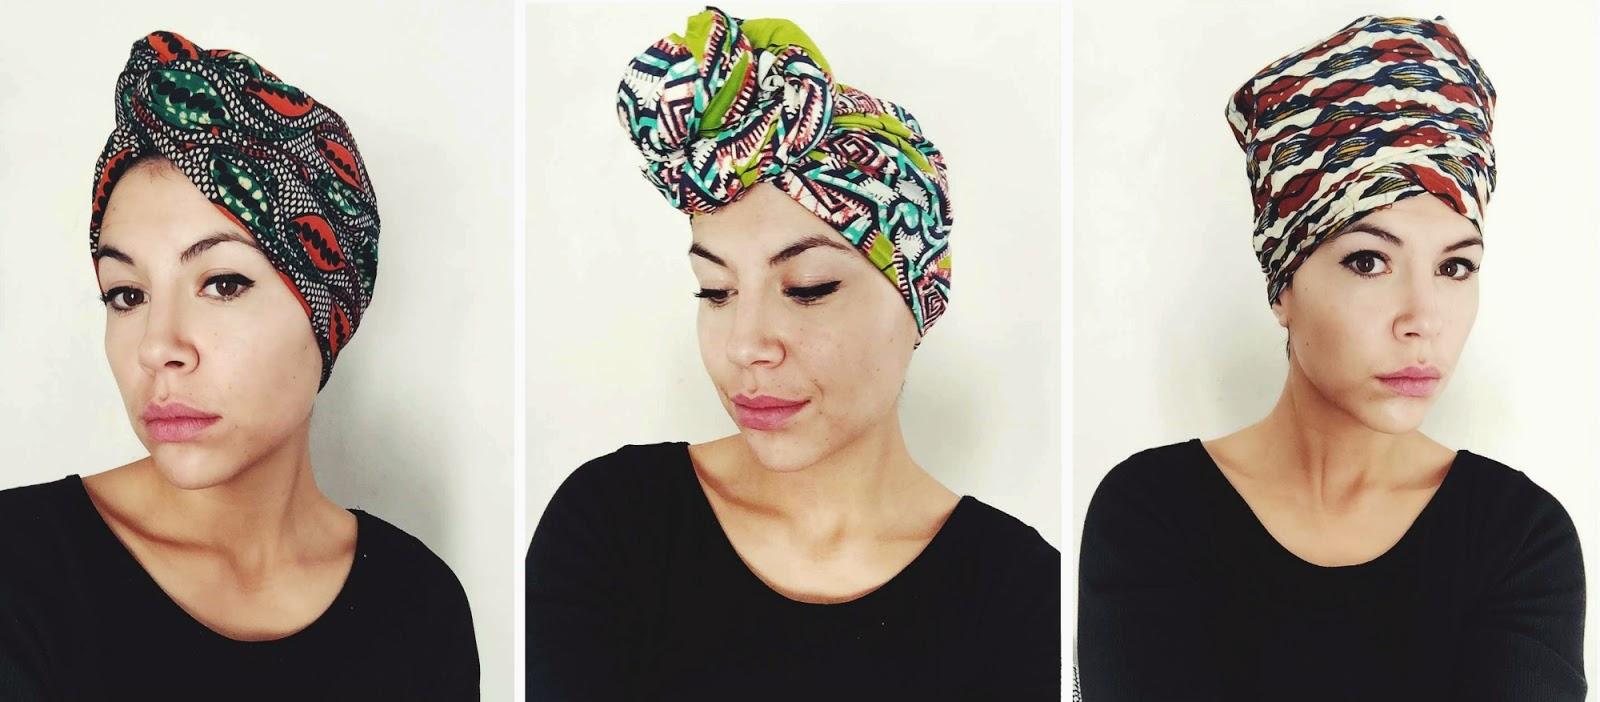 tutoriel 3 techniques de nouage du foulard pagne elonah blog mode et lifestyle. Black Bedroom Furniture Sets. Home Design Ideas